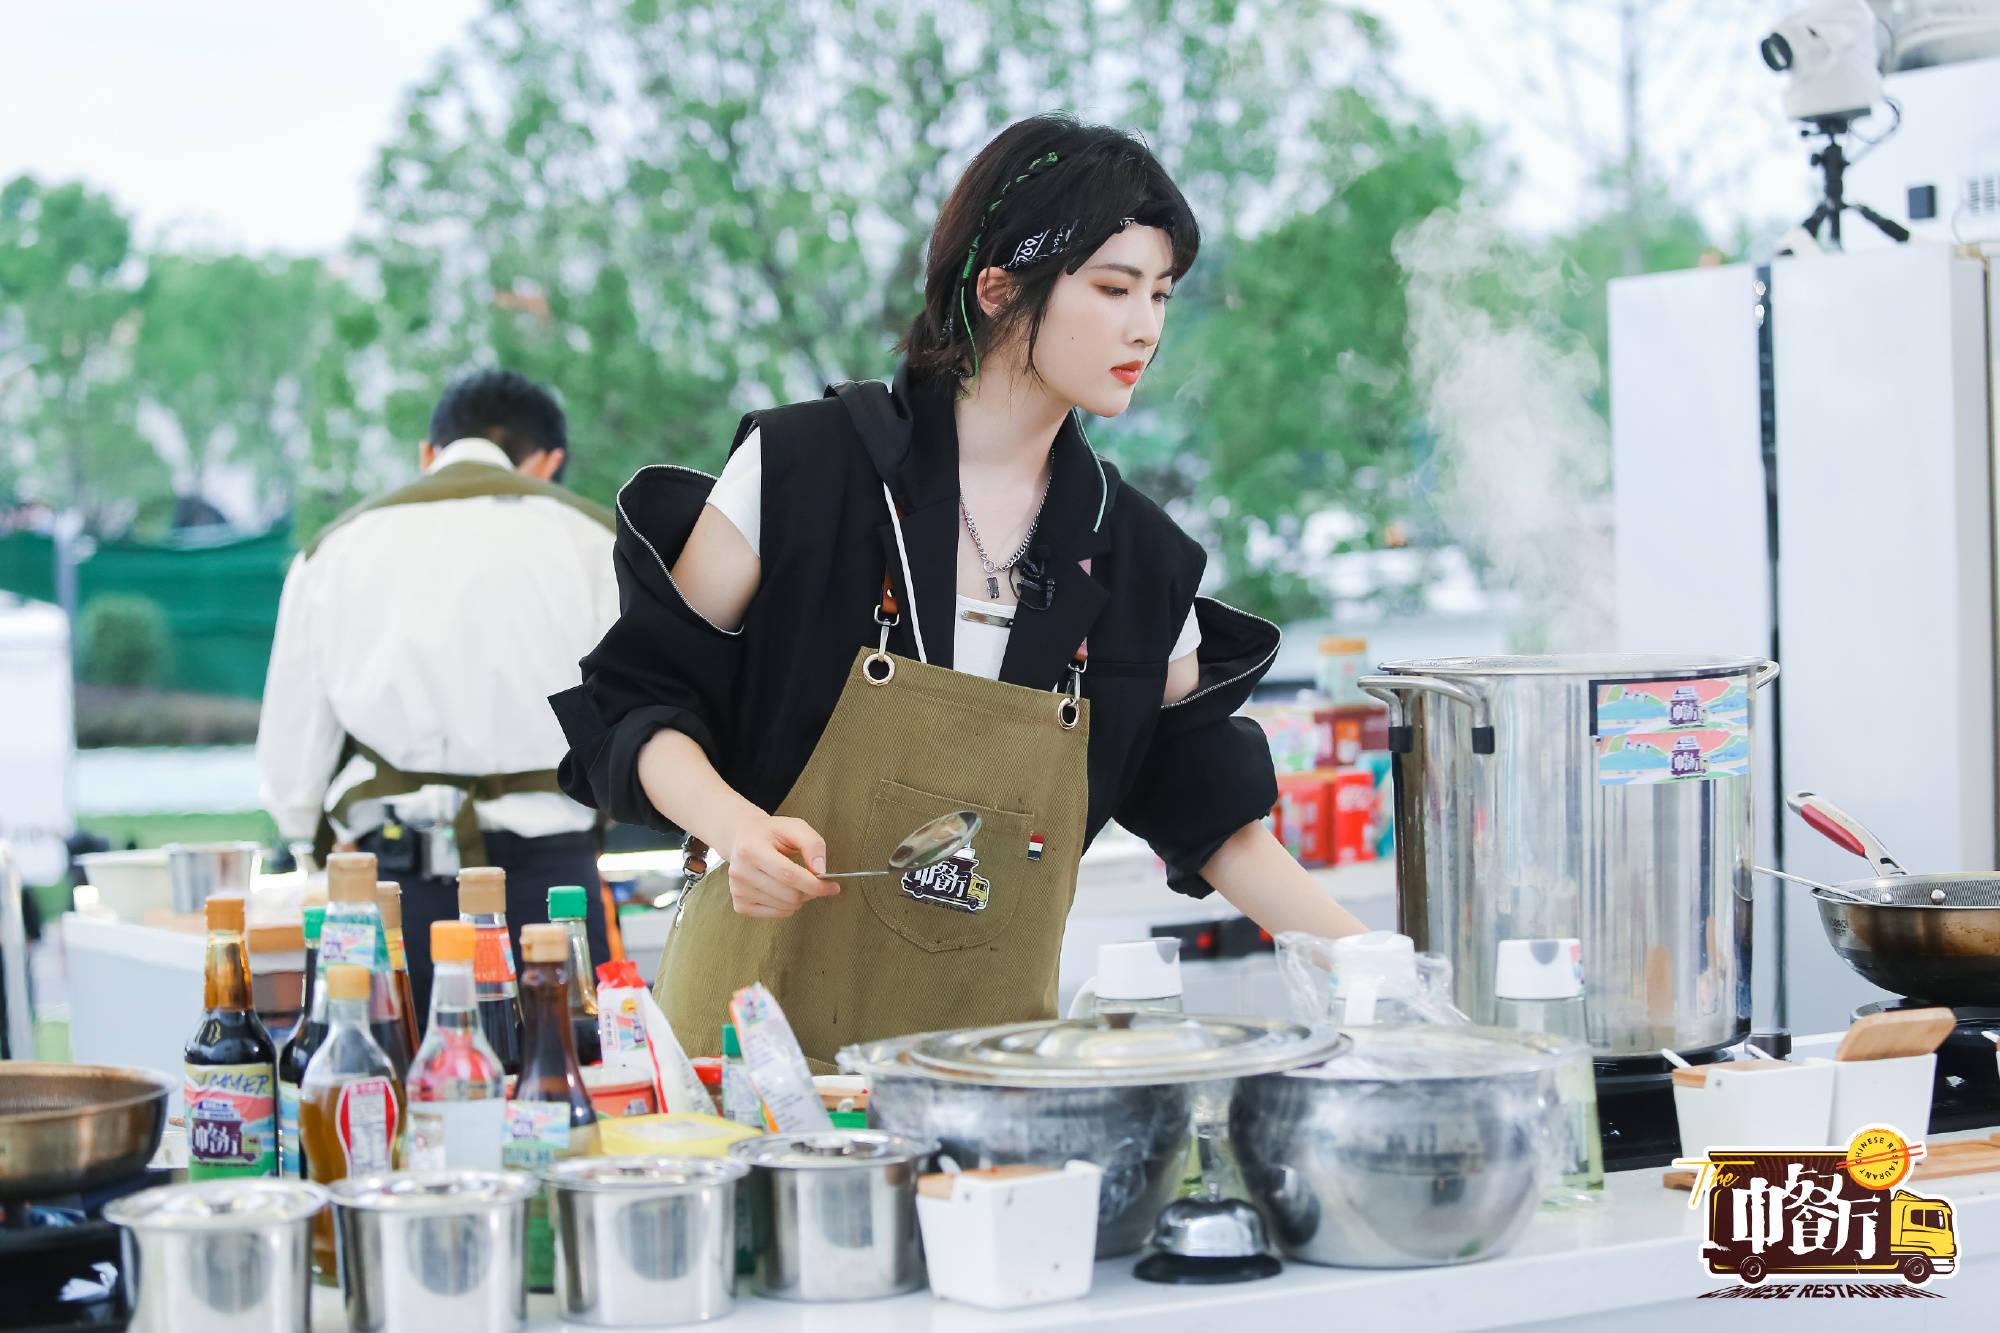 """""""华为二公主""""姚安娜综艺首秀《中餐厅》,学霸名媛为何非要当明星?"""